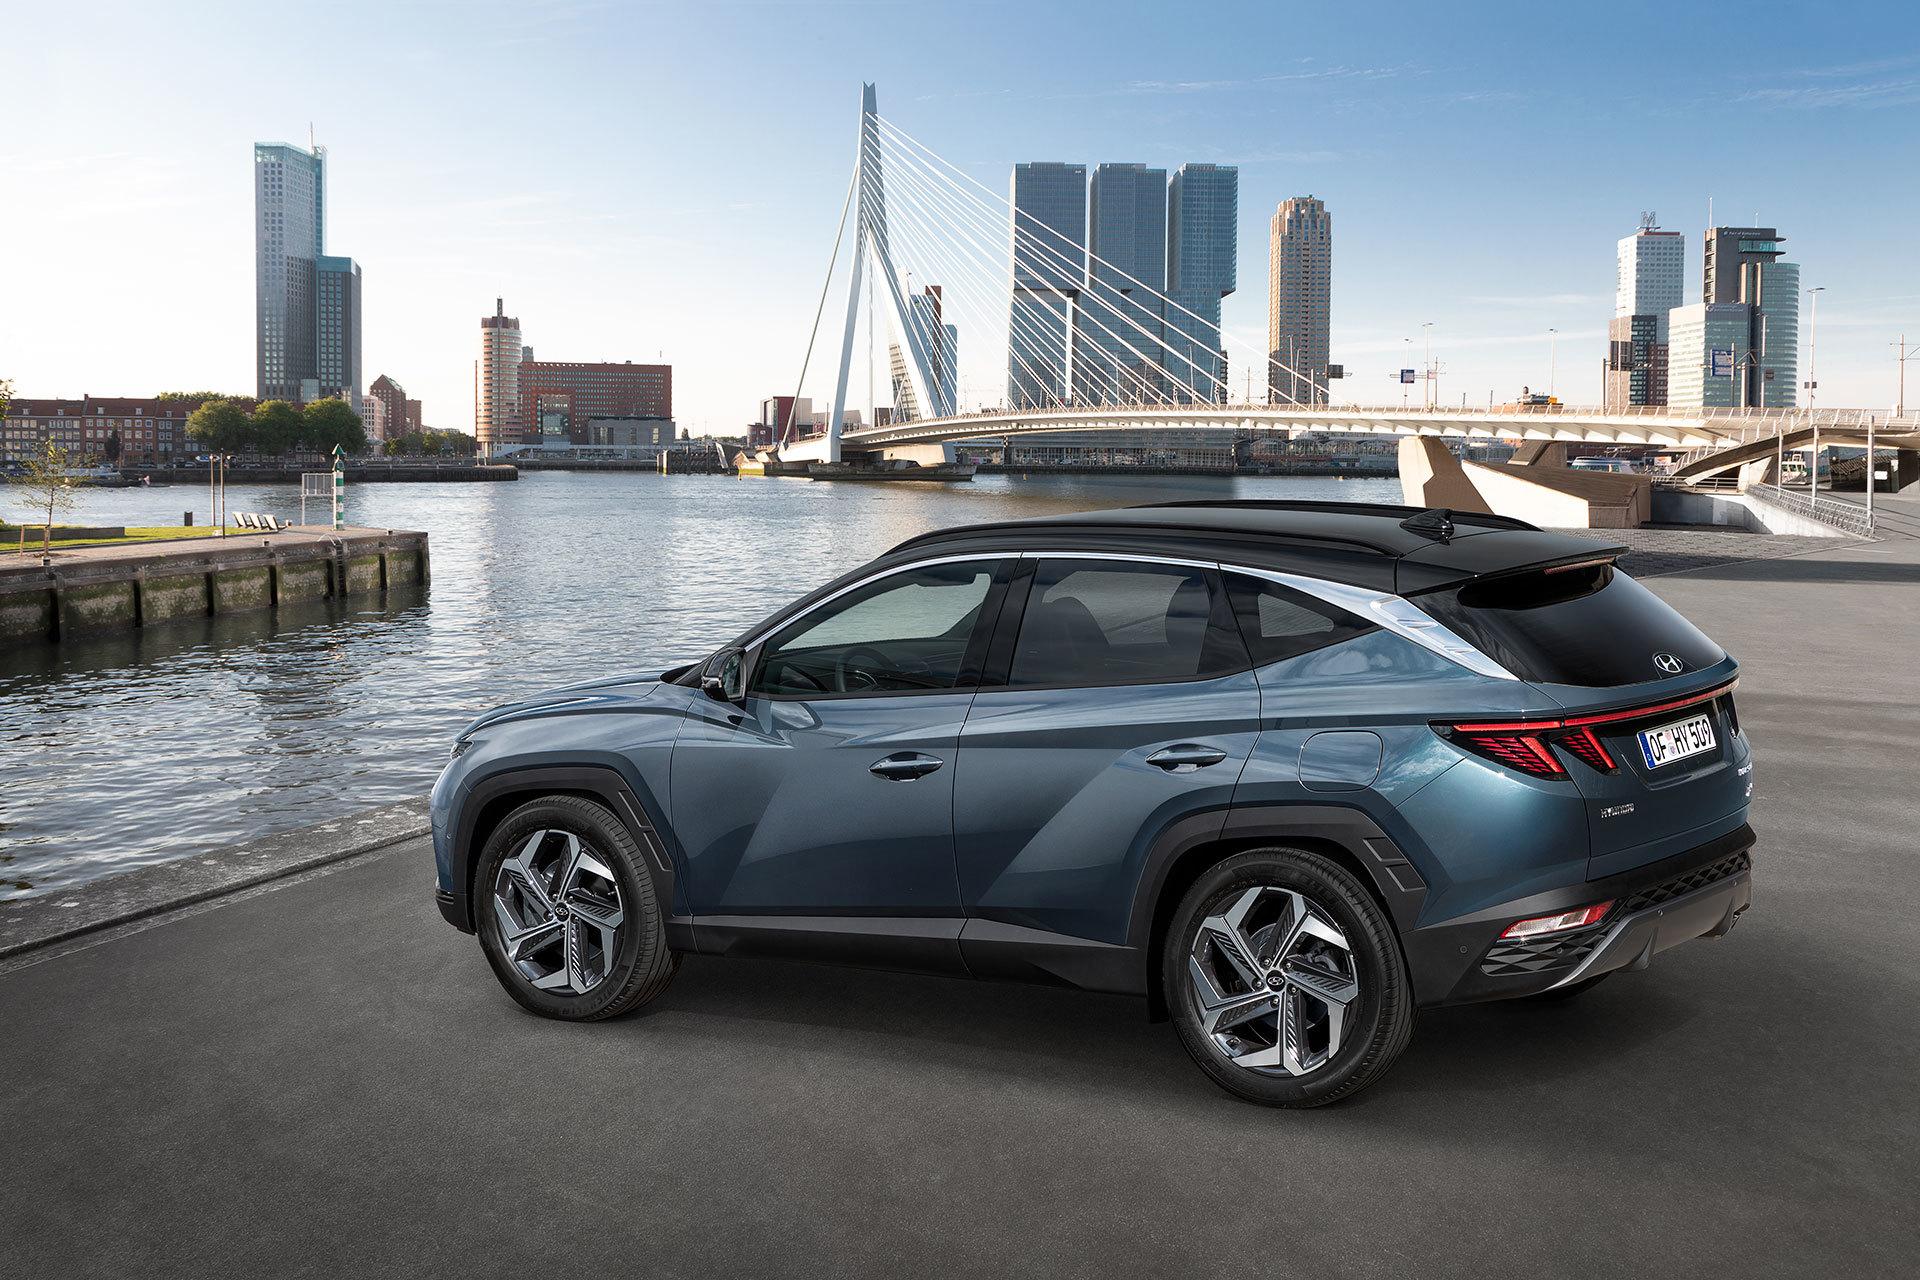 Hyundai Tucson 2021 Exterior 07